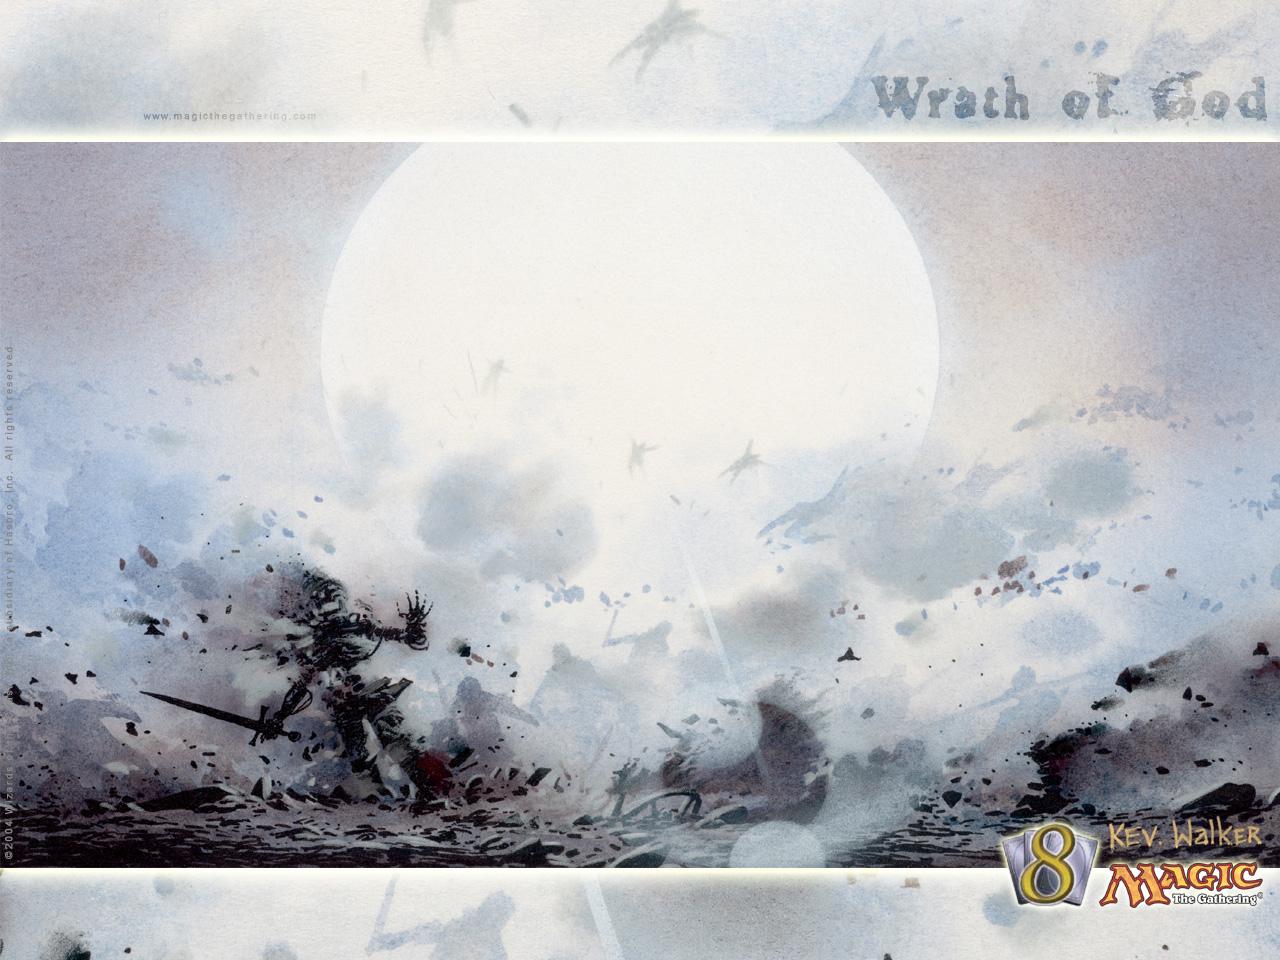 Wrath of God | Illustration by Kev Walker